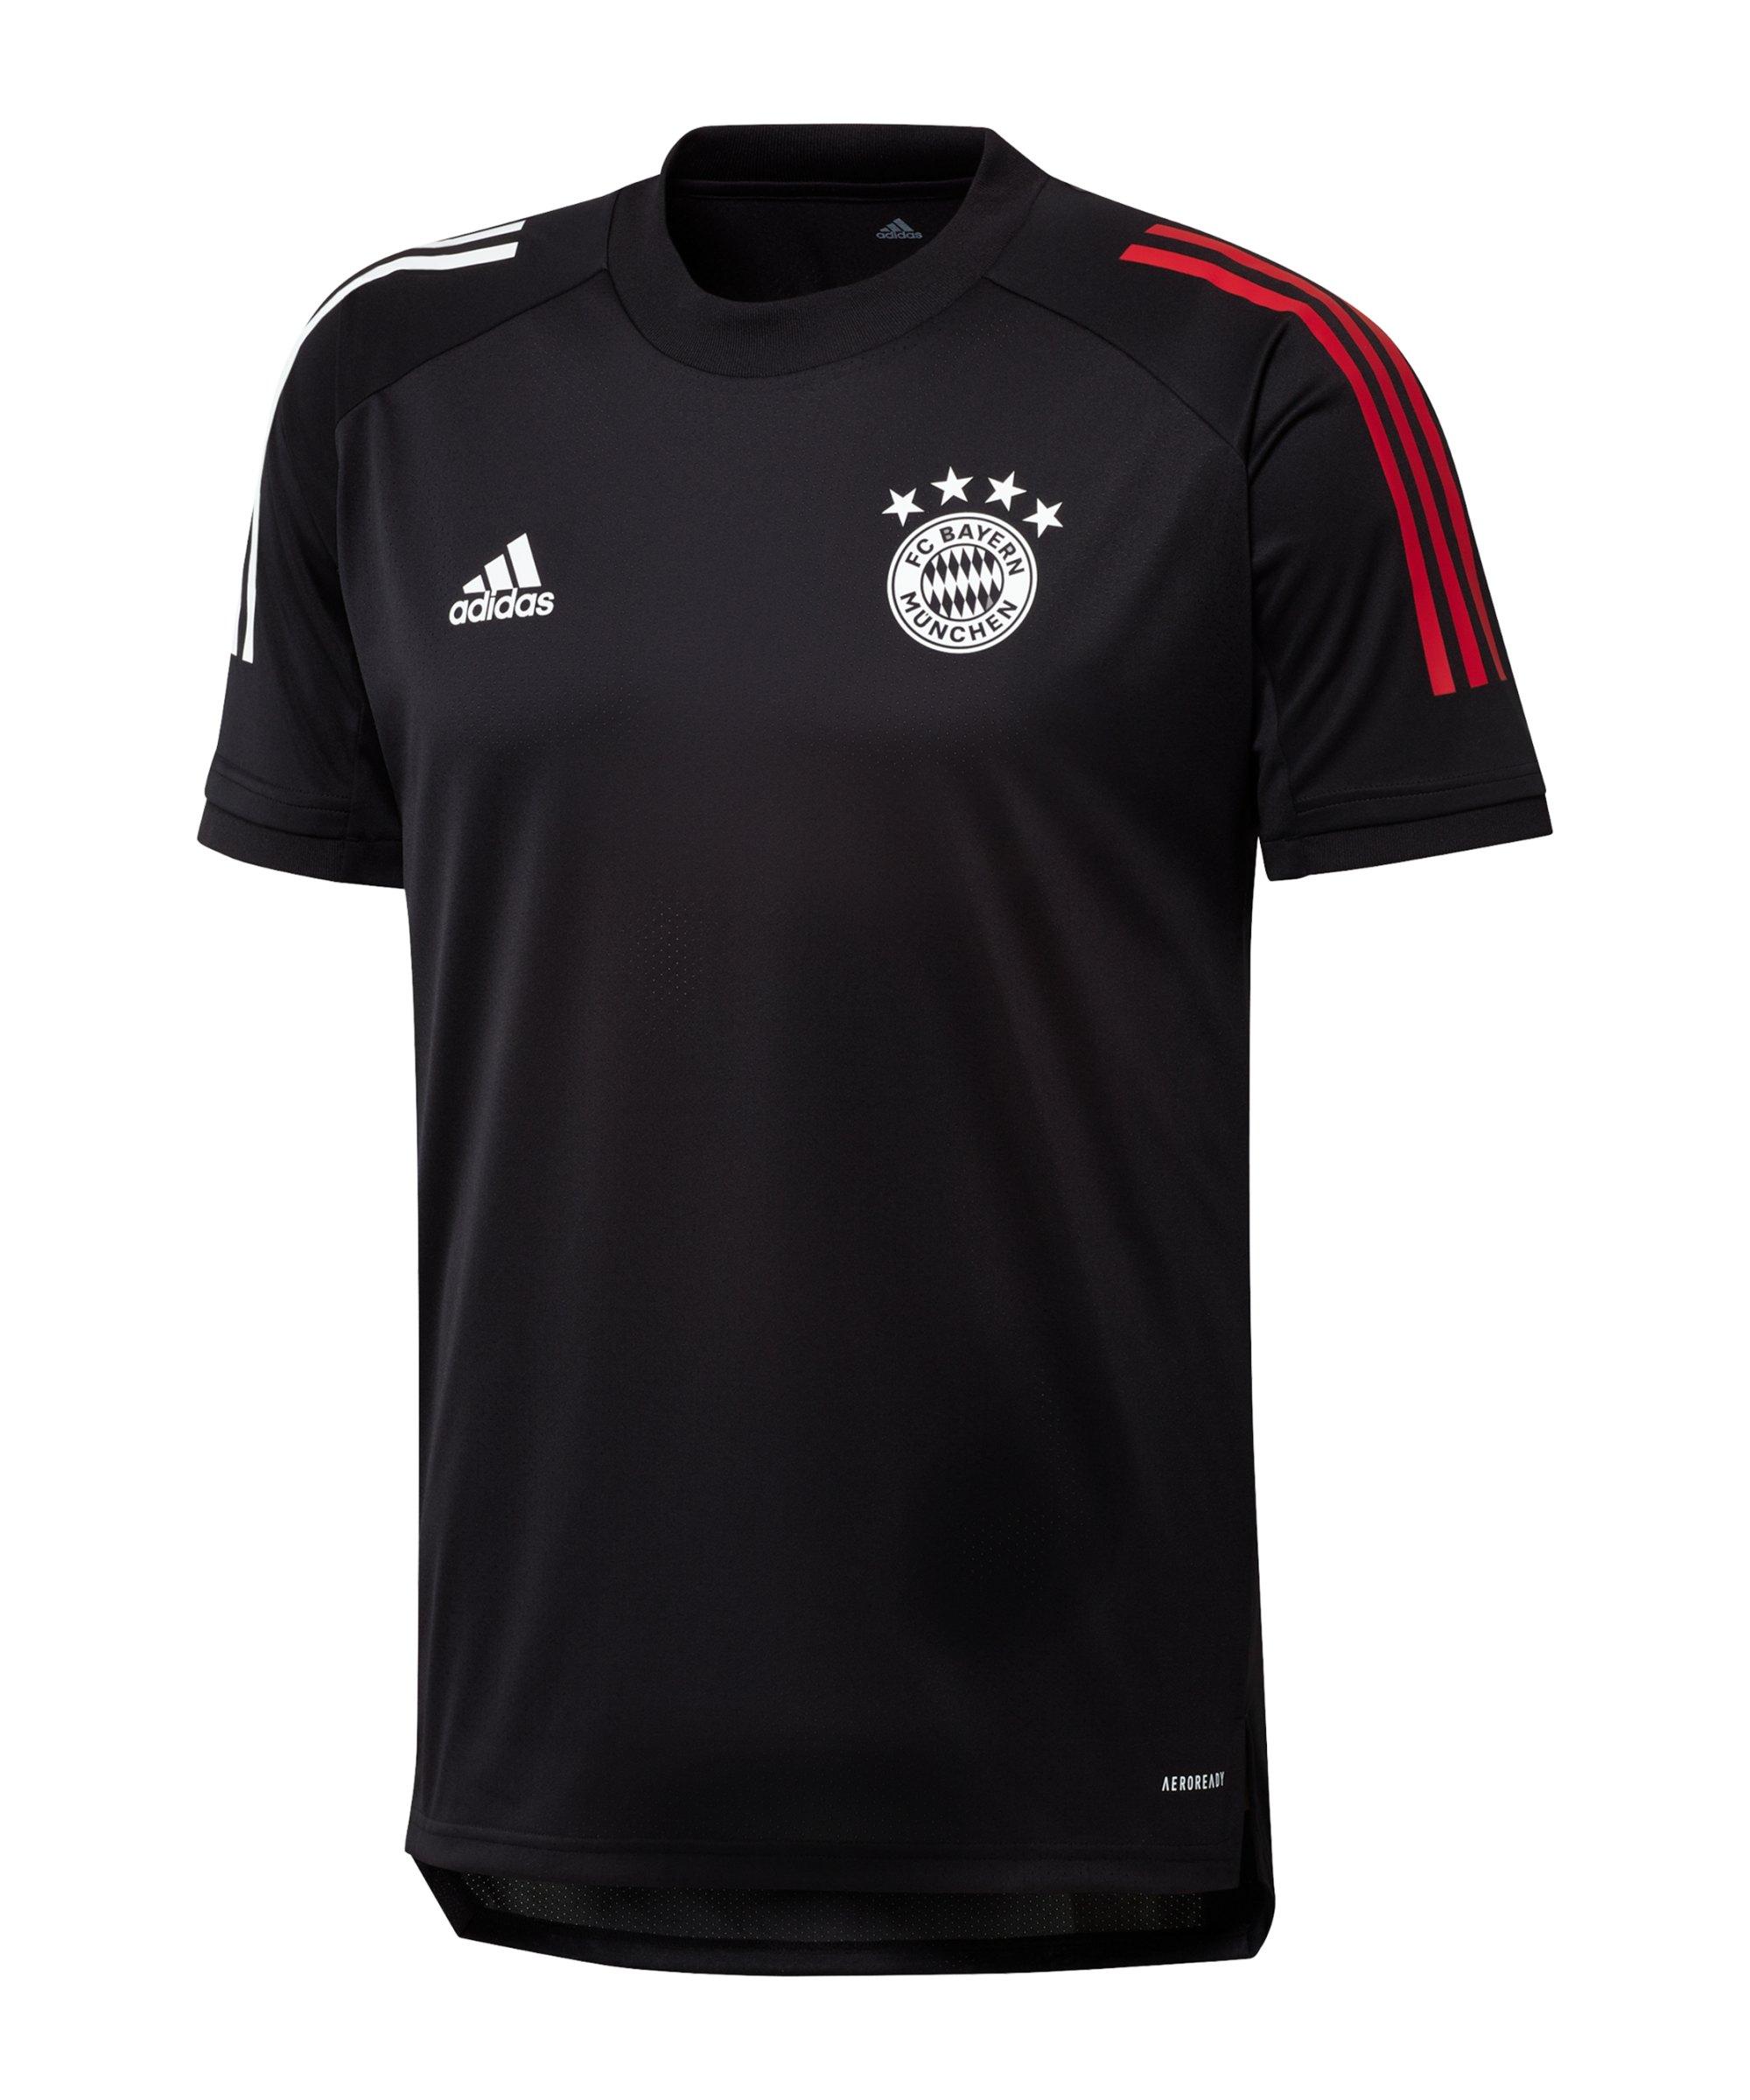 adidas FC Bayern München Trainingsshirt Schwarz - schwarz